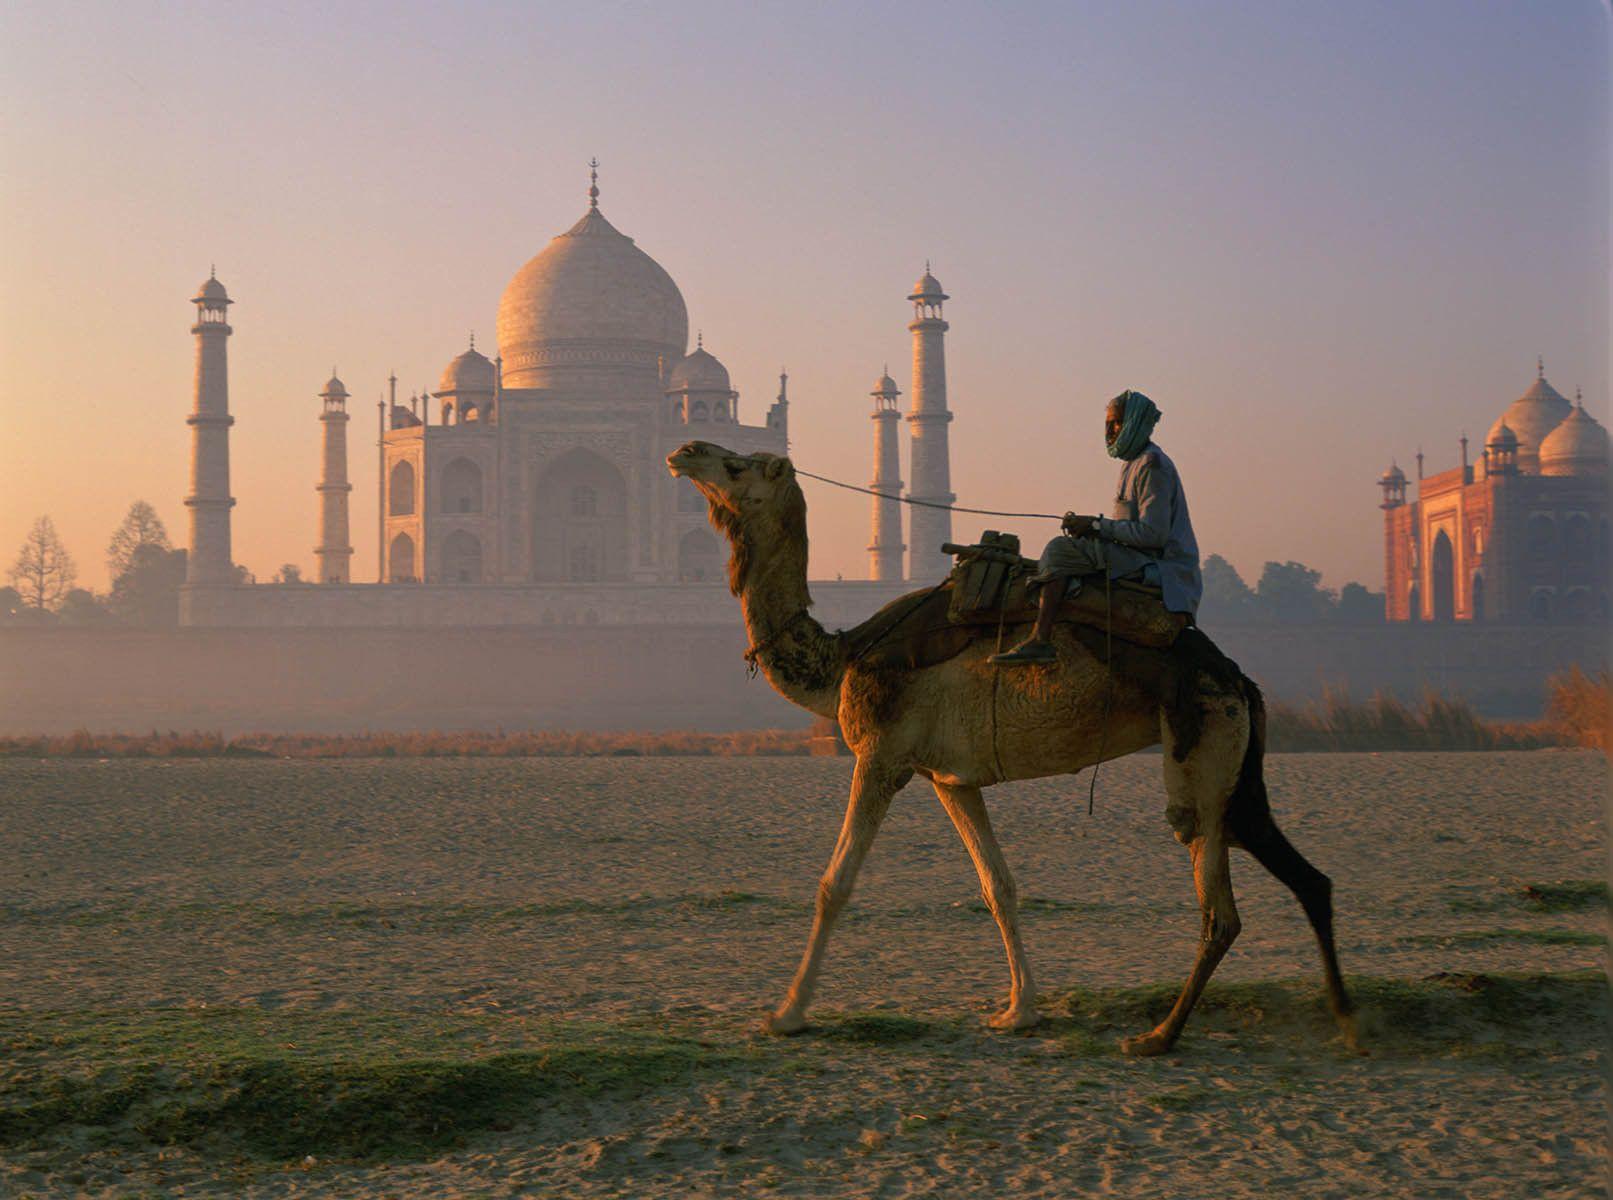 6_0_221_1india_camel_tajmahal_06.jpg